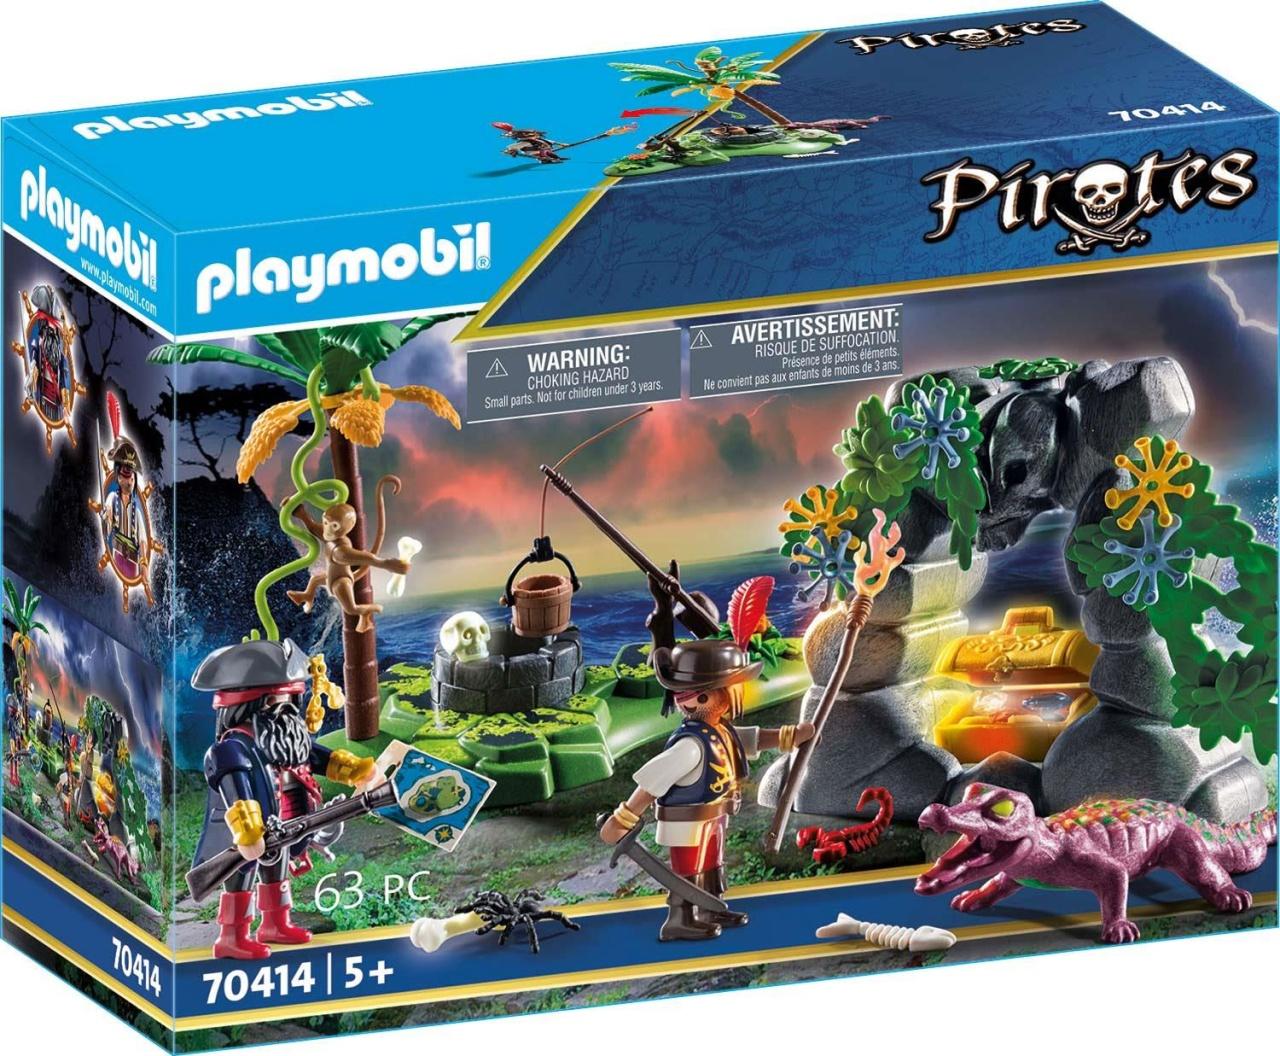 Playmobil 70414 Pirates Piraten-Schatzversteck